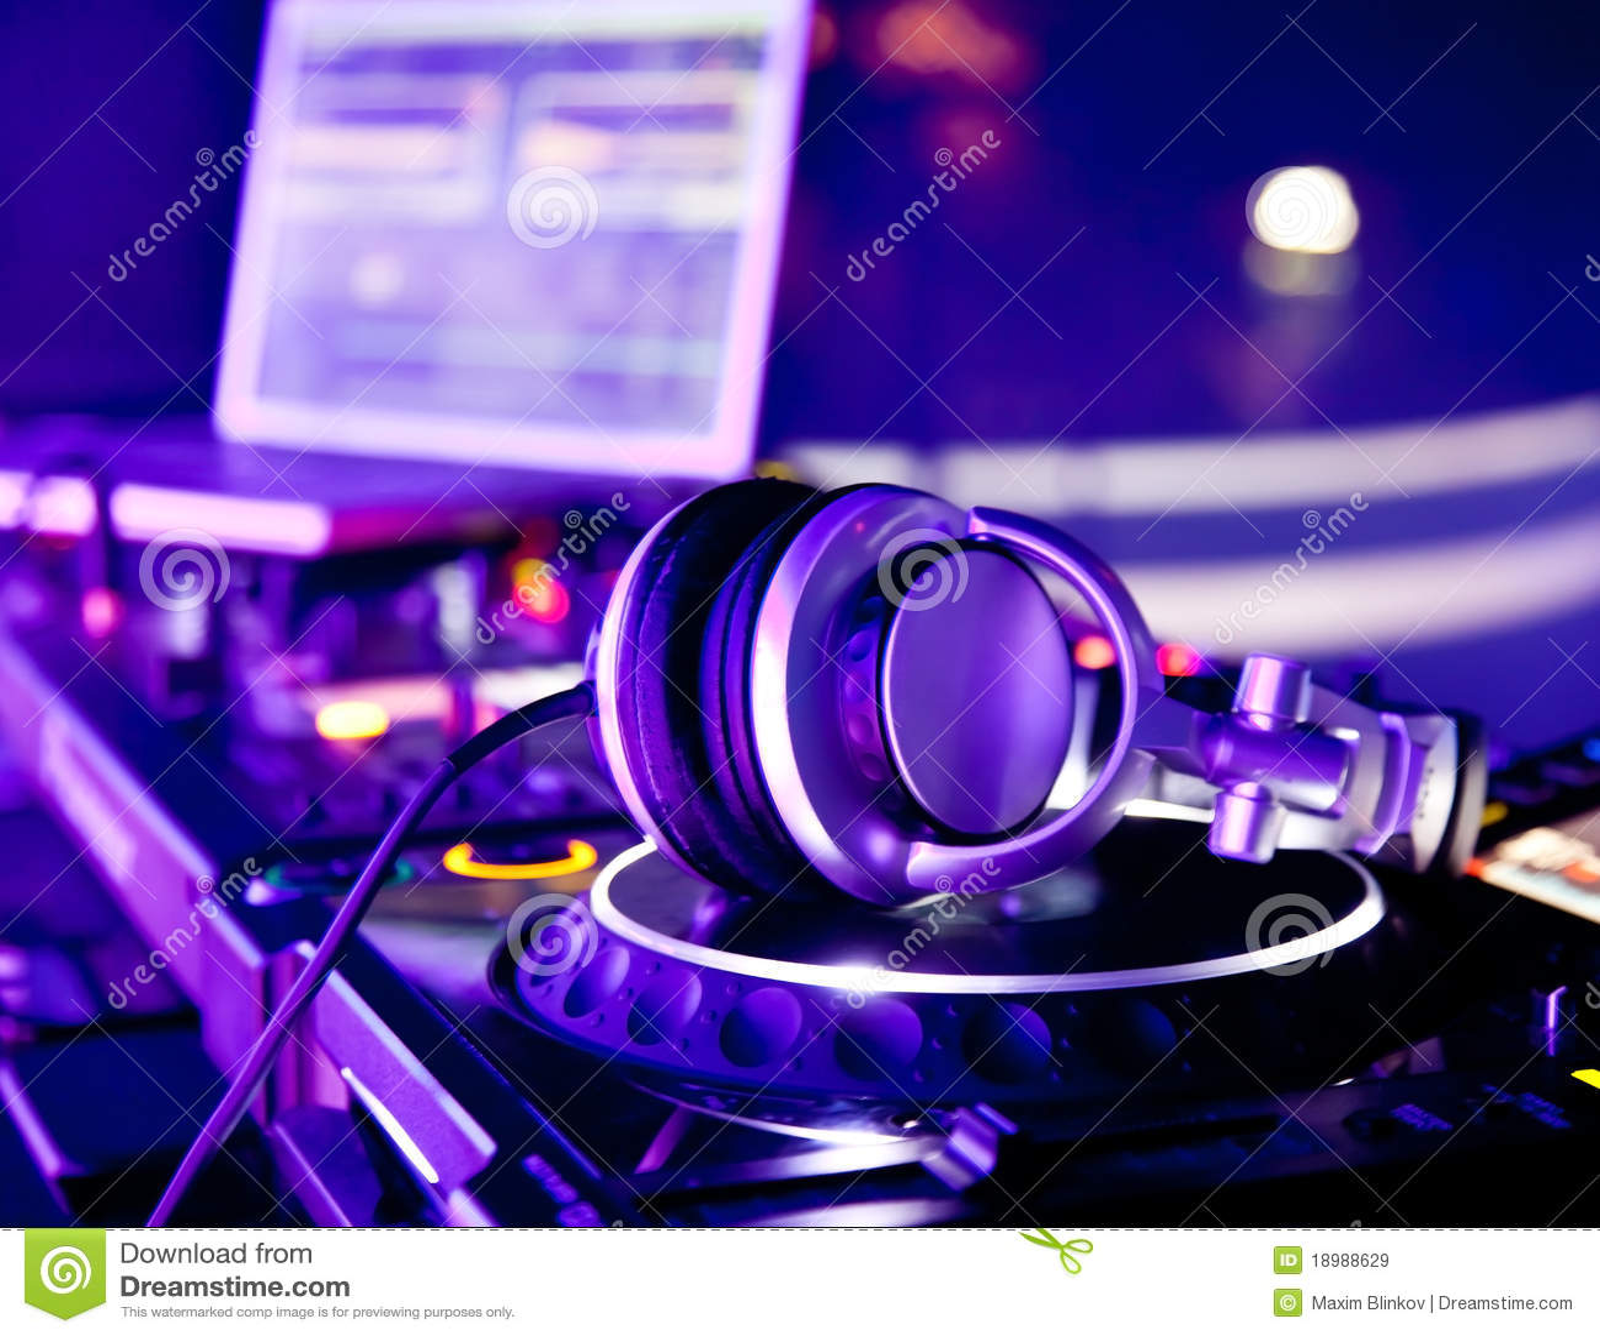 dj mixer hd wallpaper